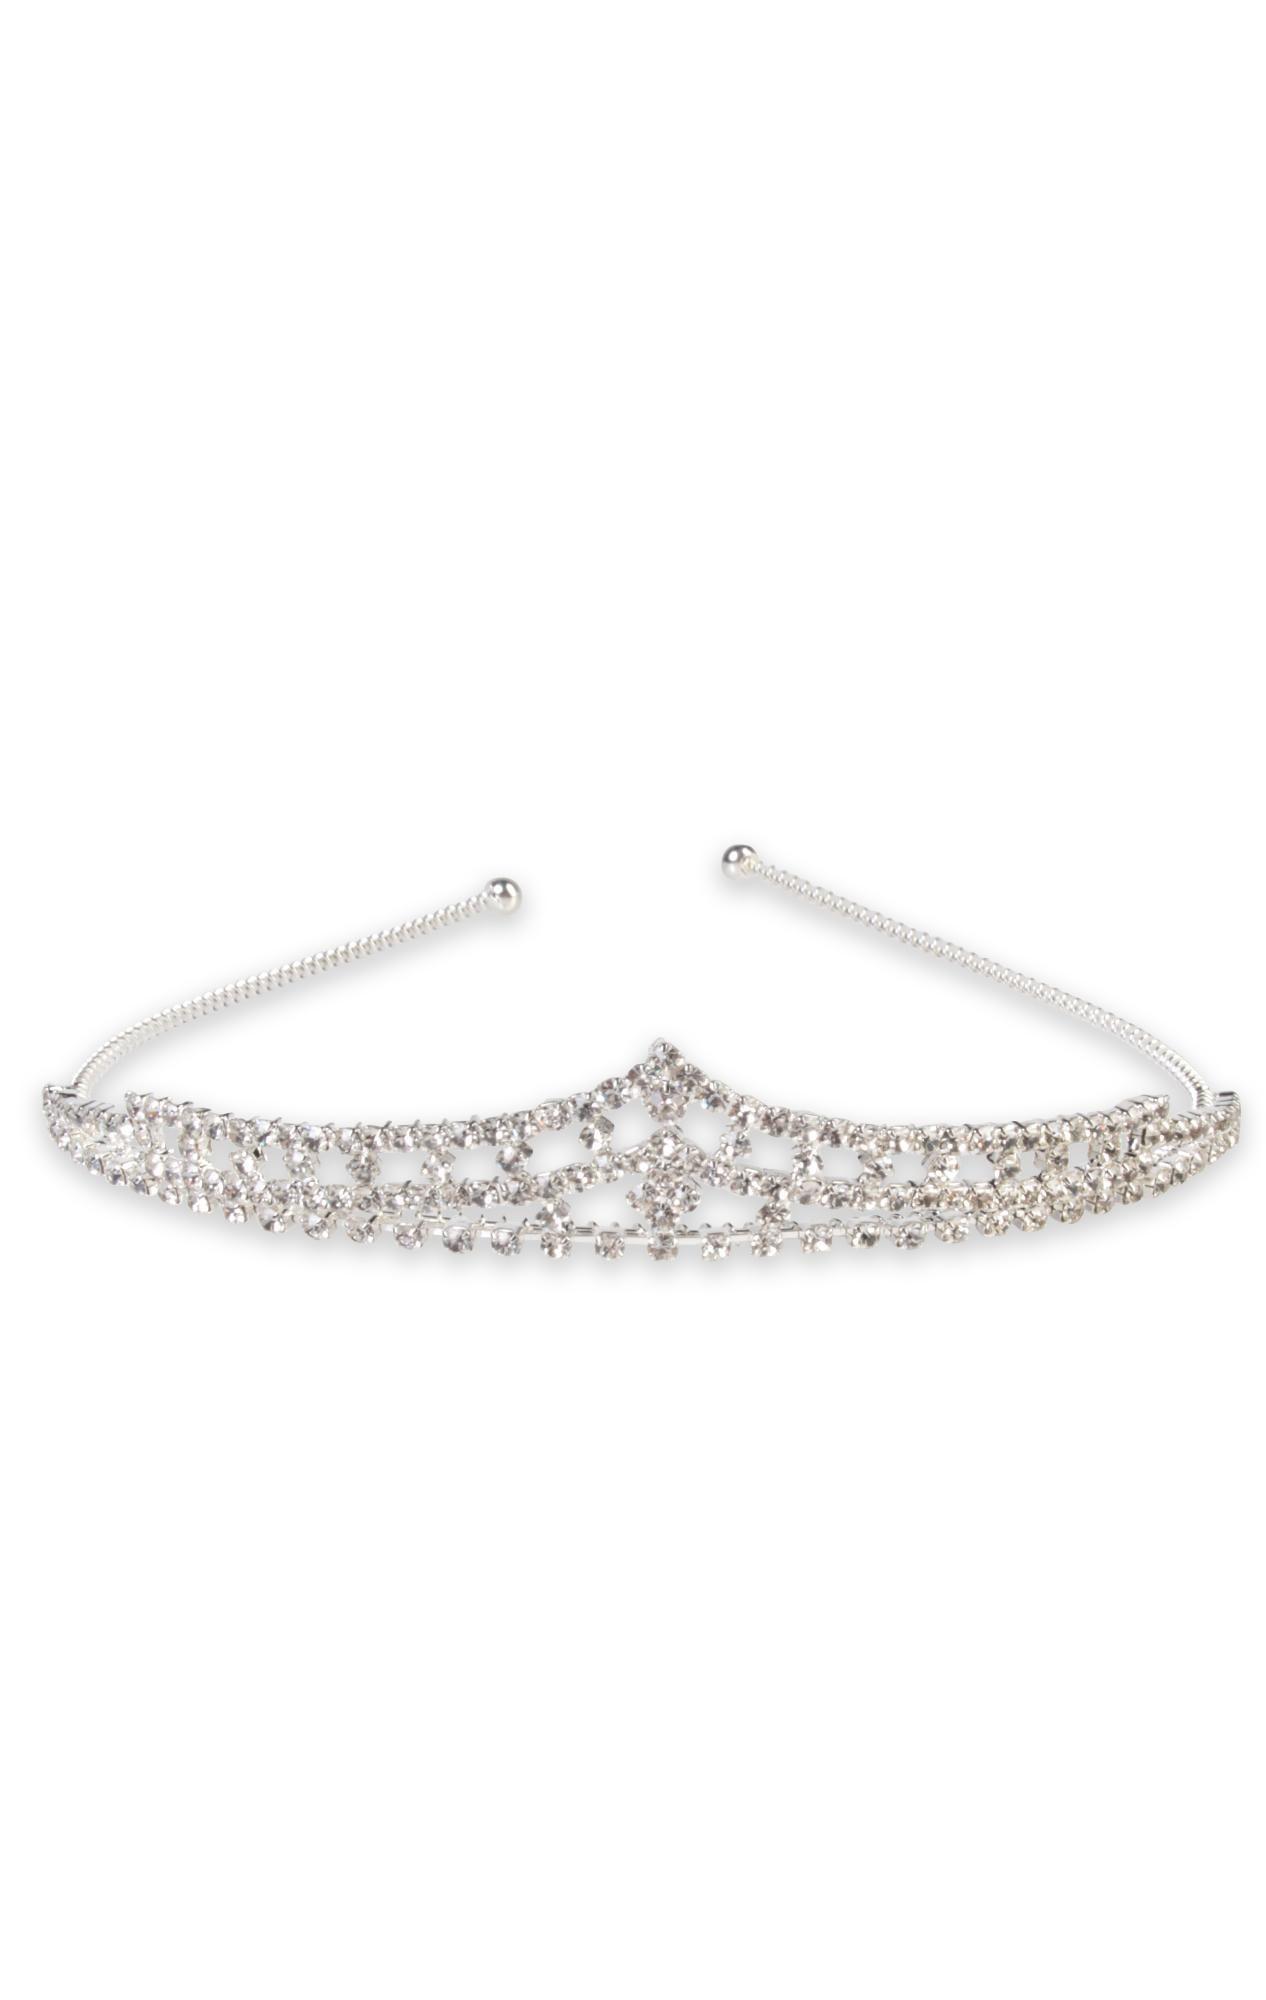 #princess pointed rhinestone #tiara  $7.87